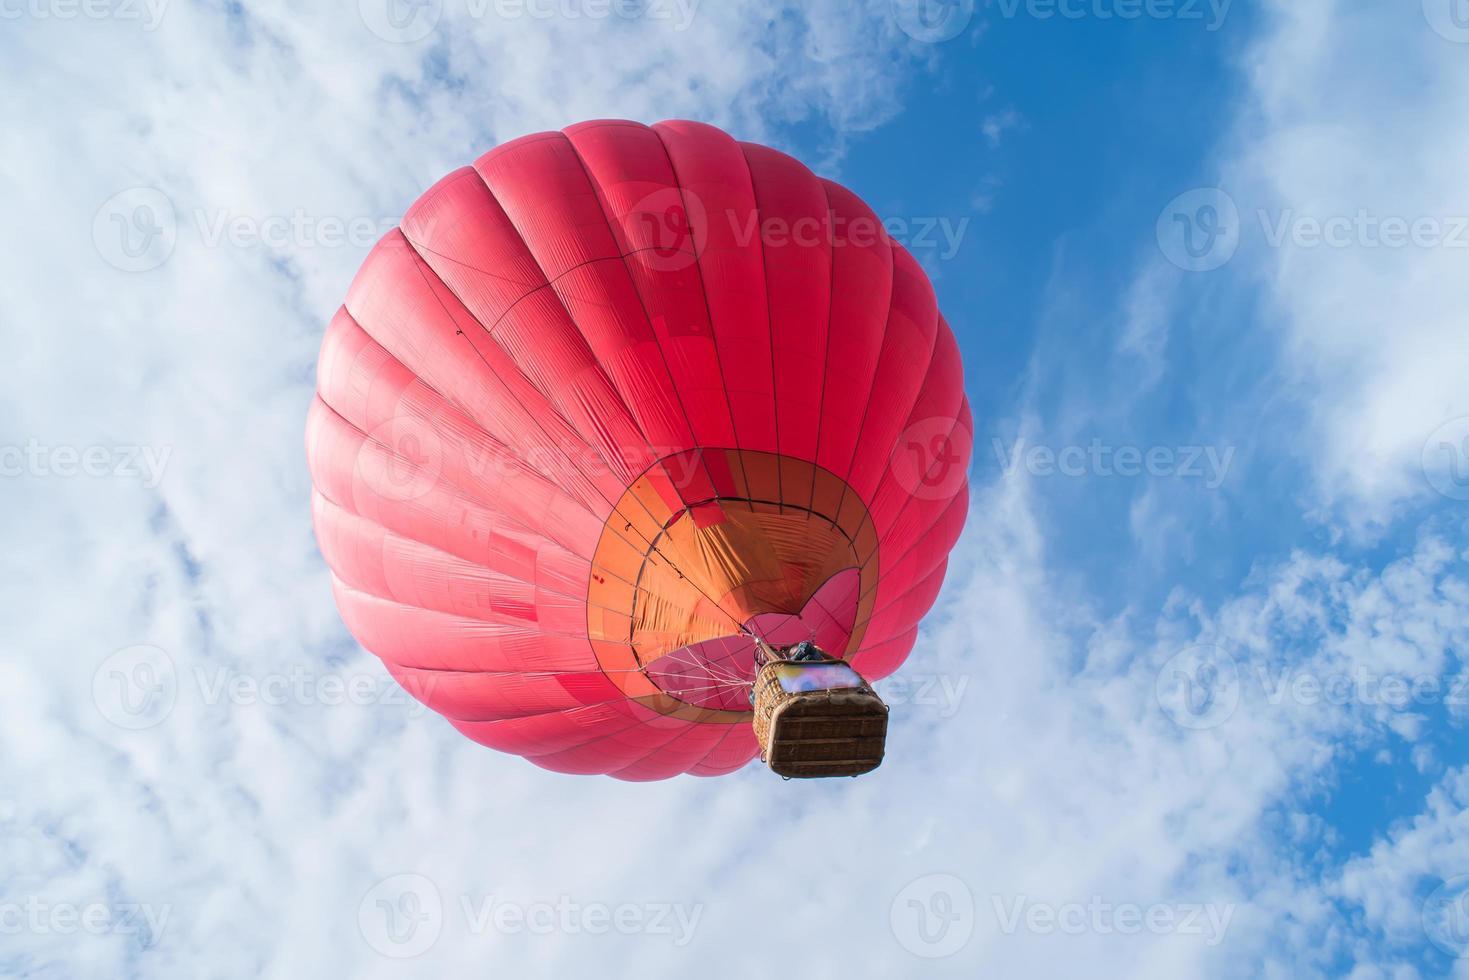 röd ballong i den blå himlen foto